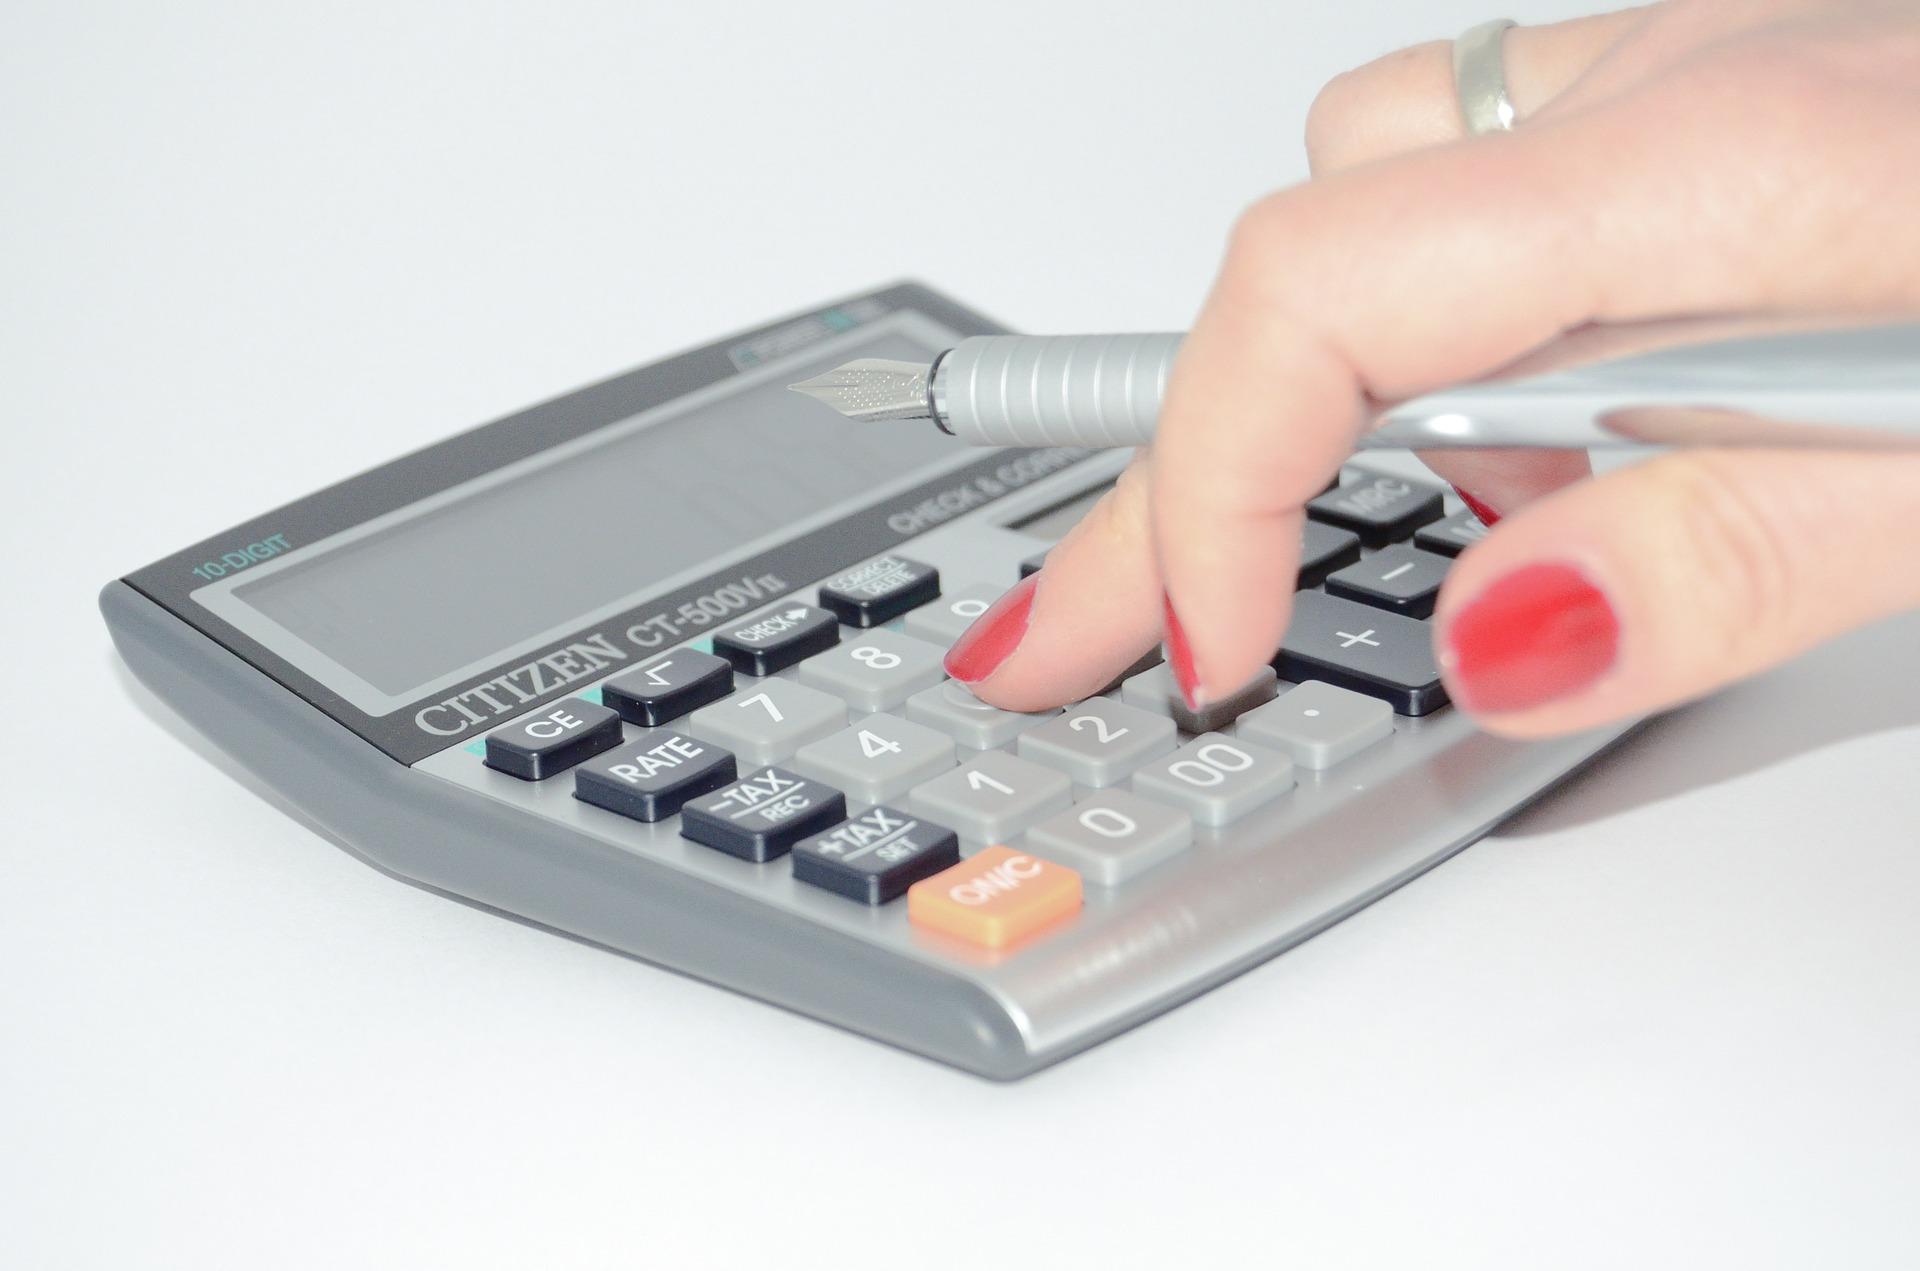 Nieodpowiednia kalkulacja kosztów i wydatków